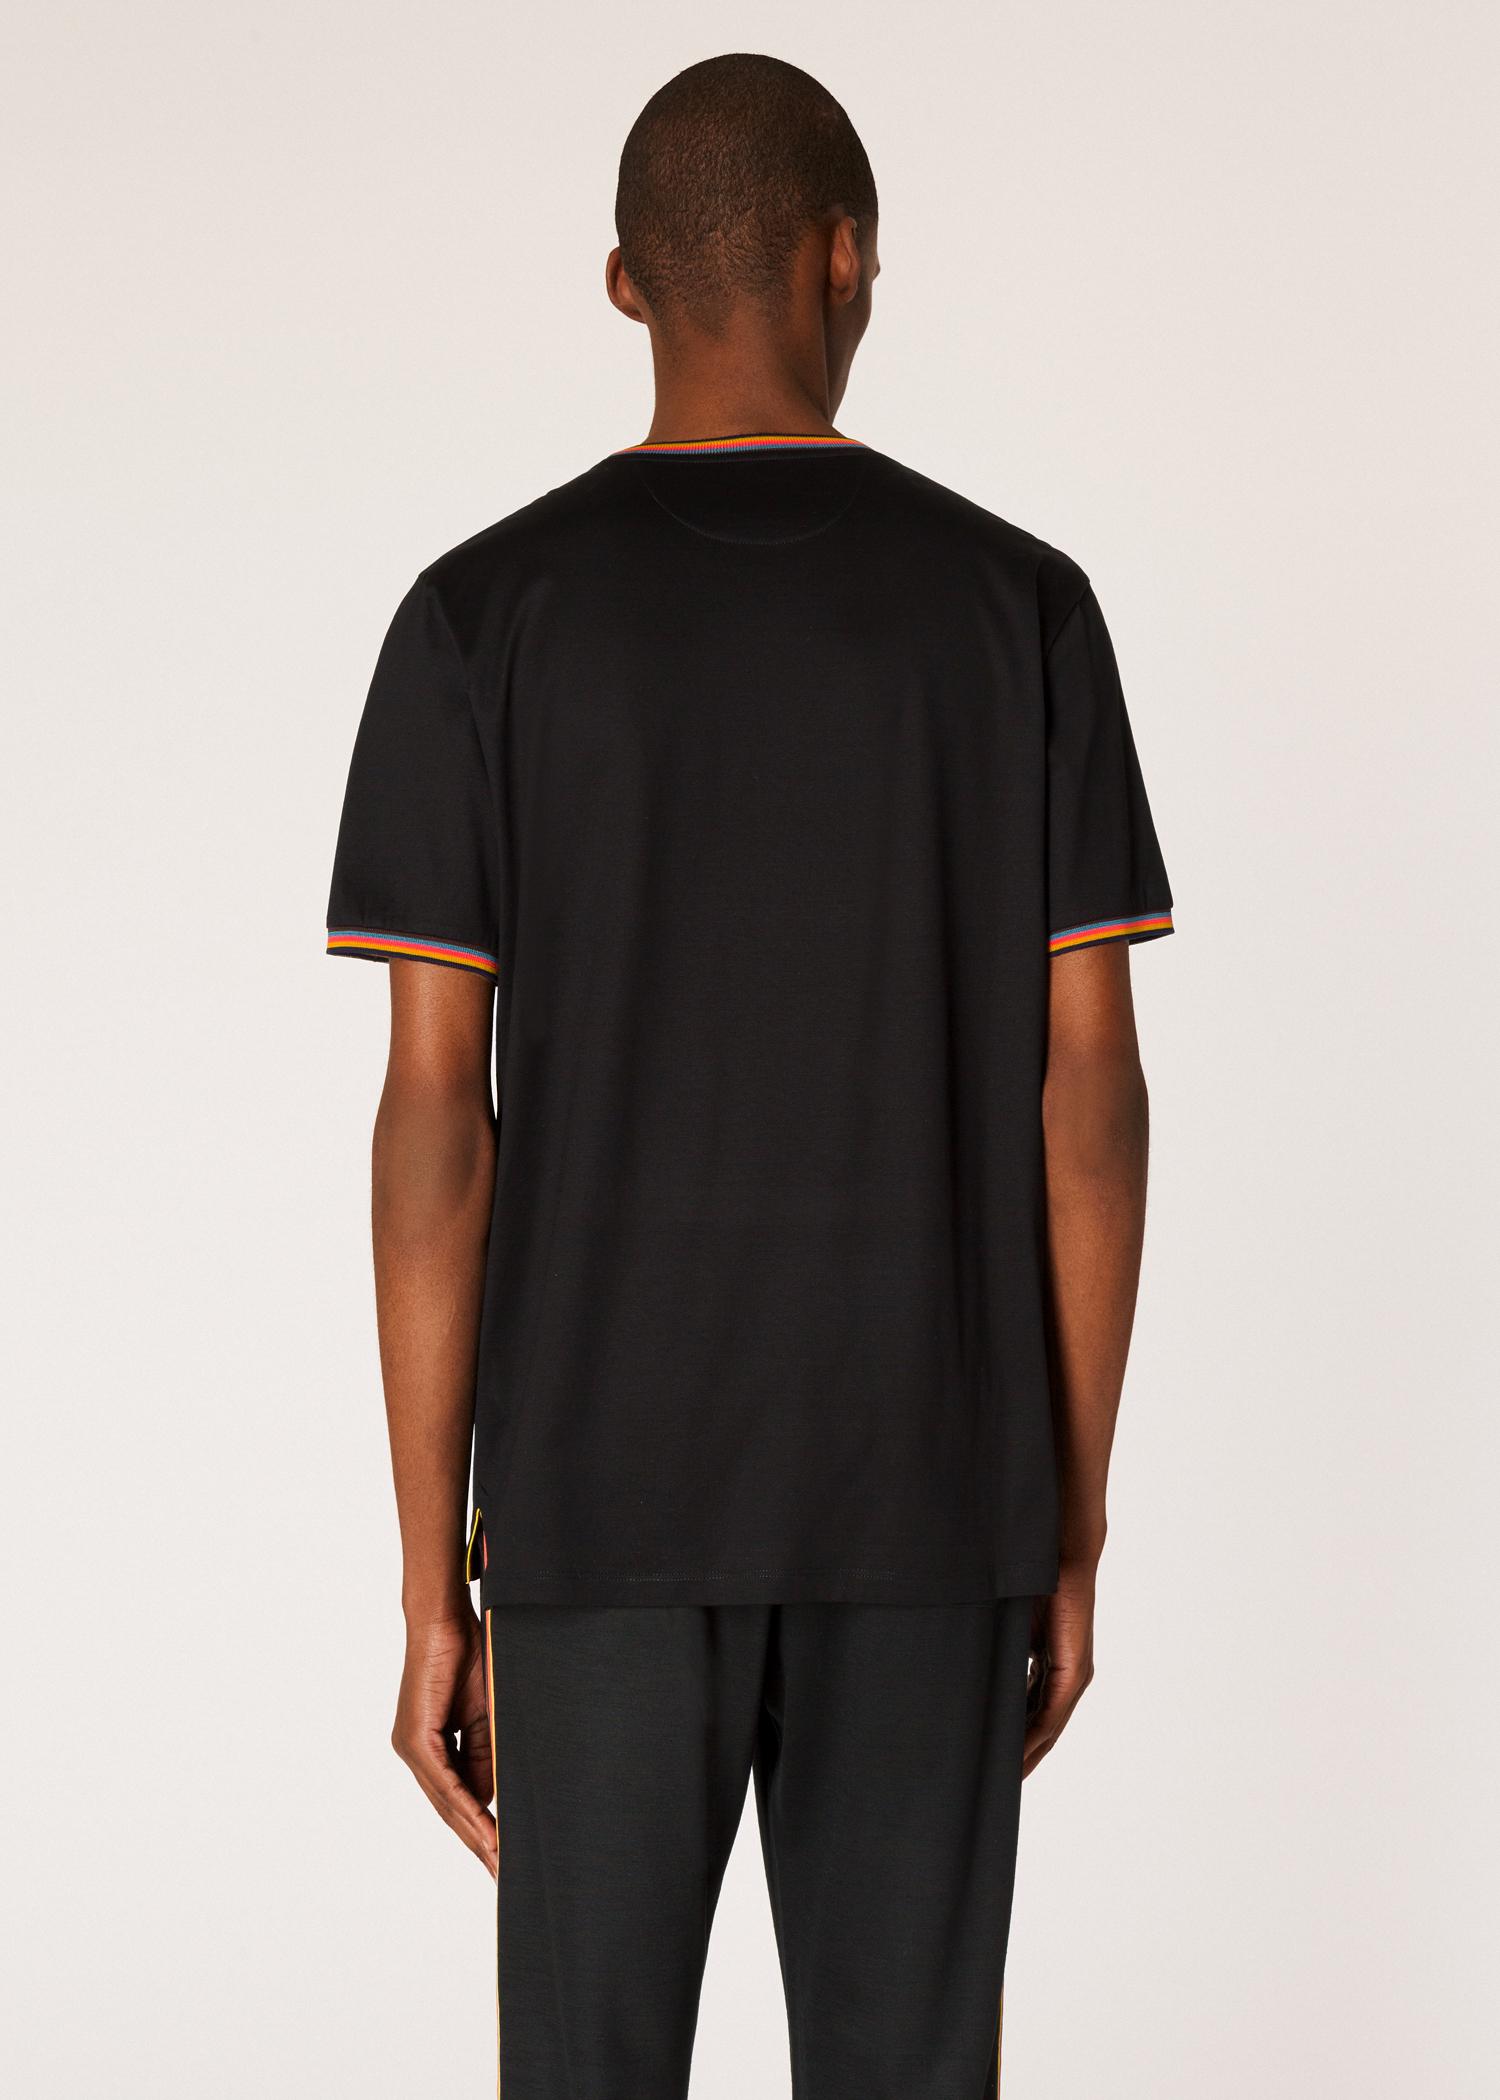 338e21a3 Men's Black Cotton T-Shirt With 'Artist Stripe' Trims - Paul Smith Asia